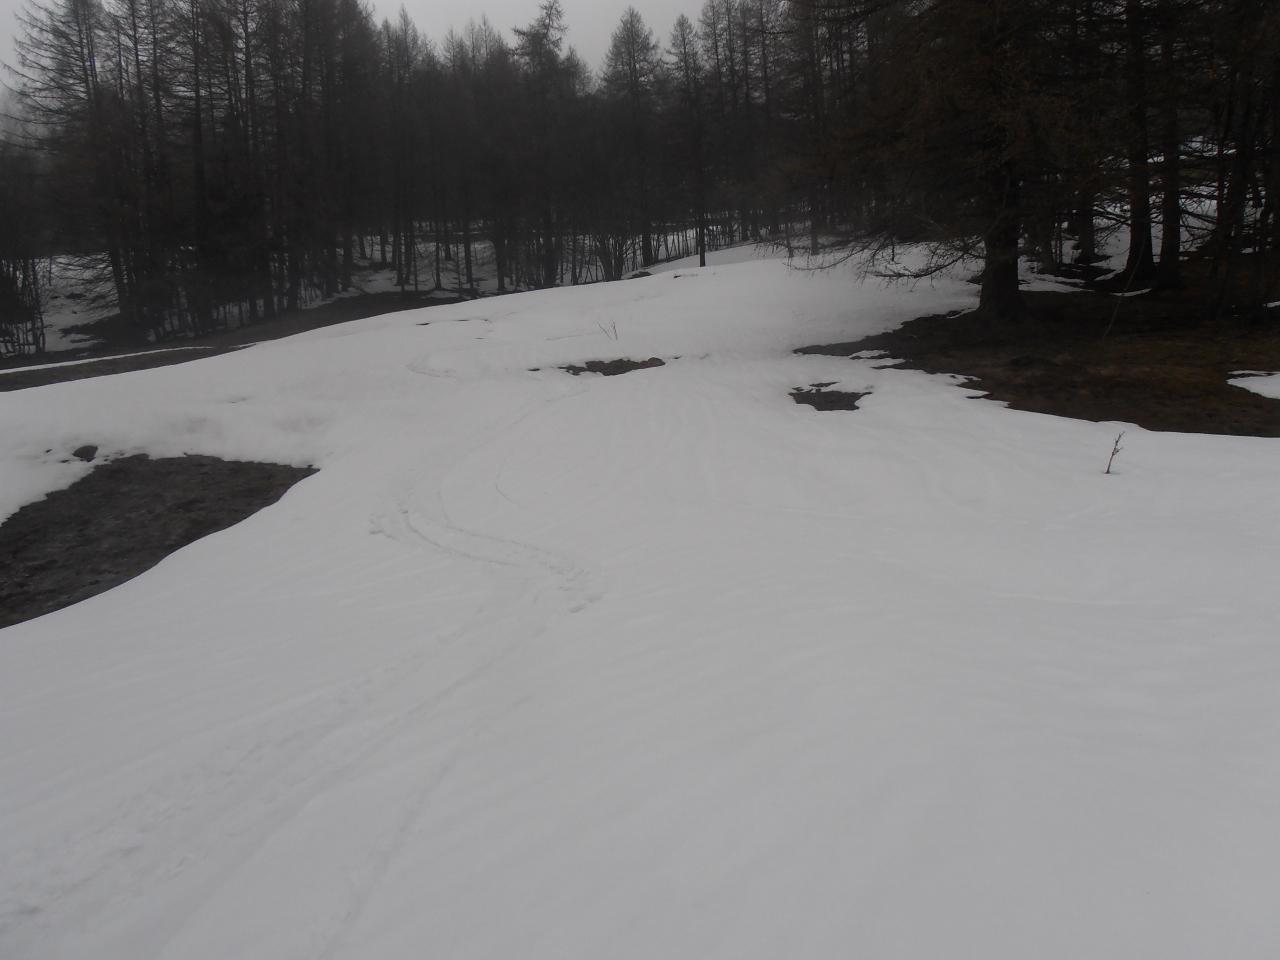 02 - bella neve primaverile nella parte mediana - discontinua in basso